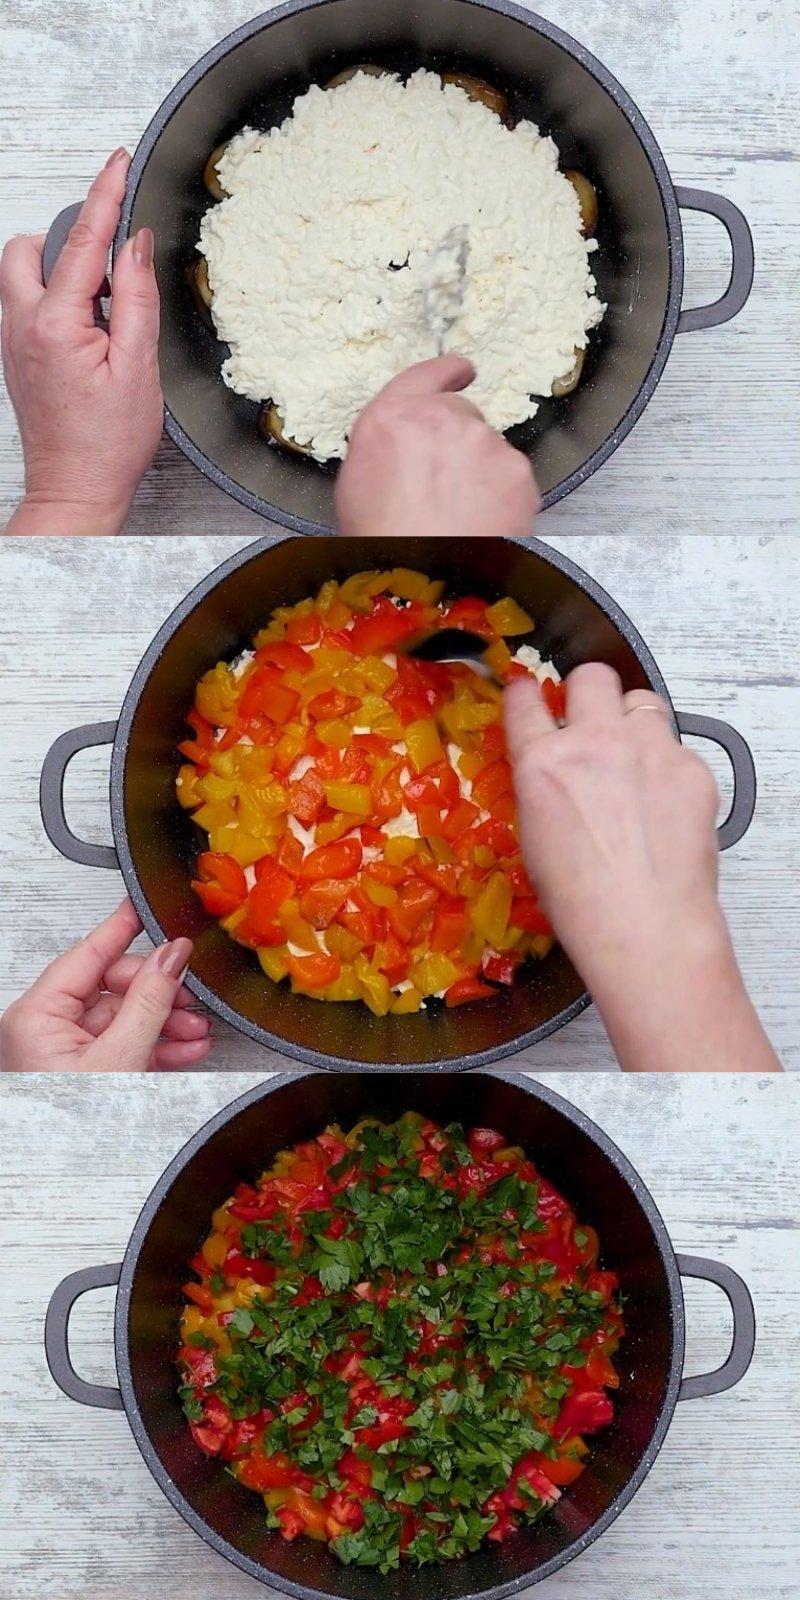 закуска из баклажанов с сыром чесноком и помидорами